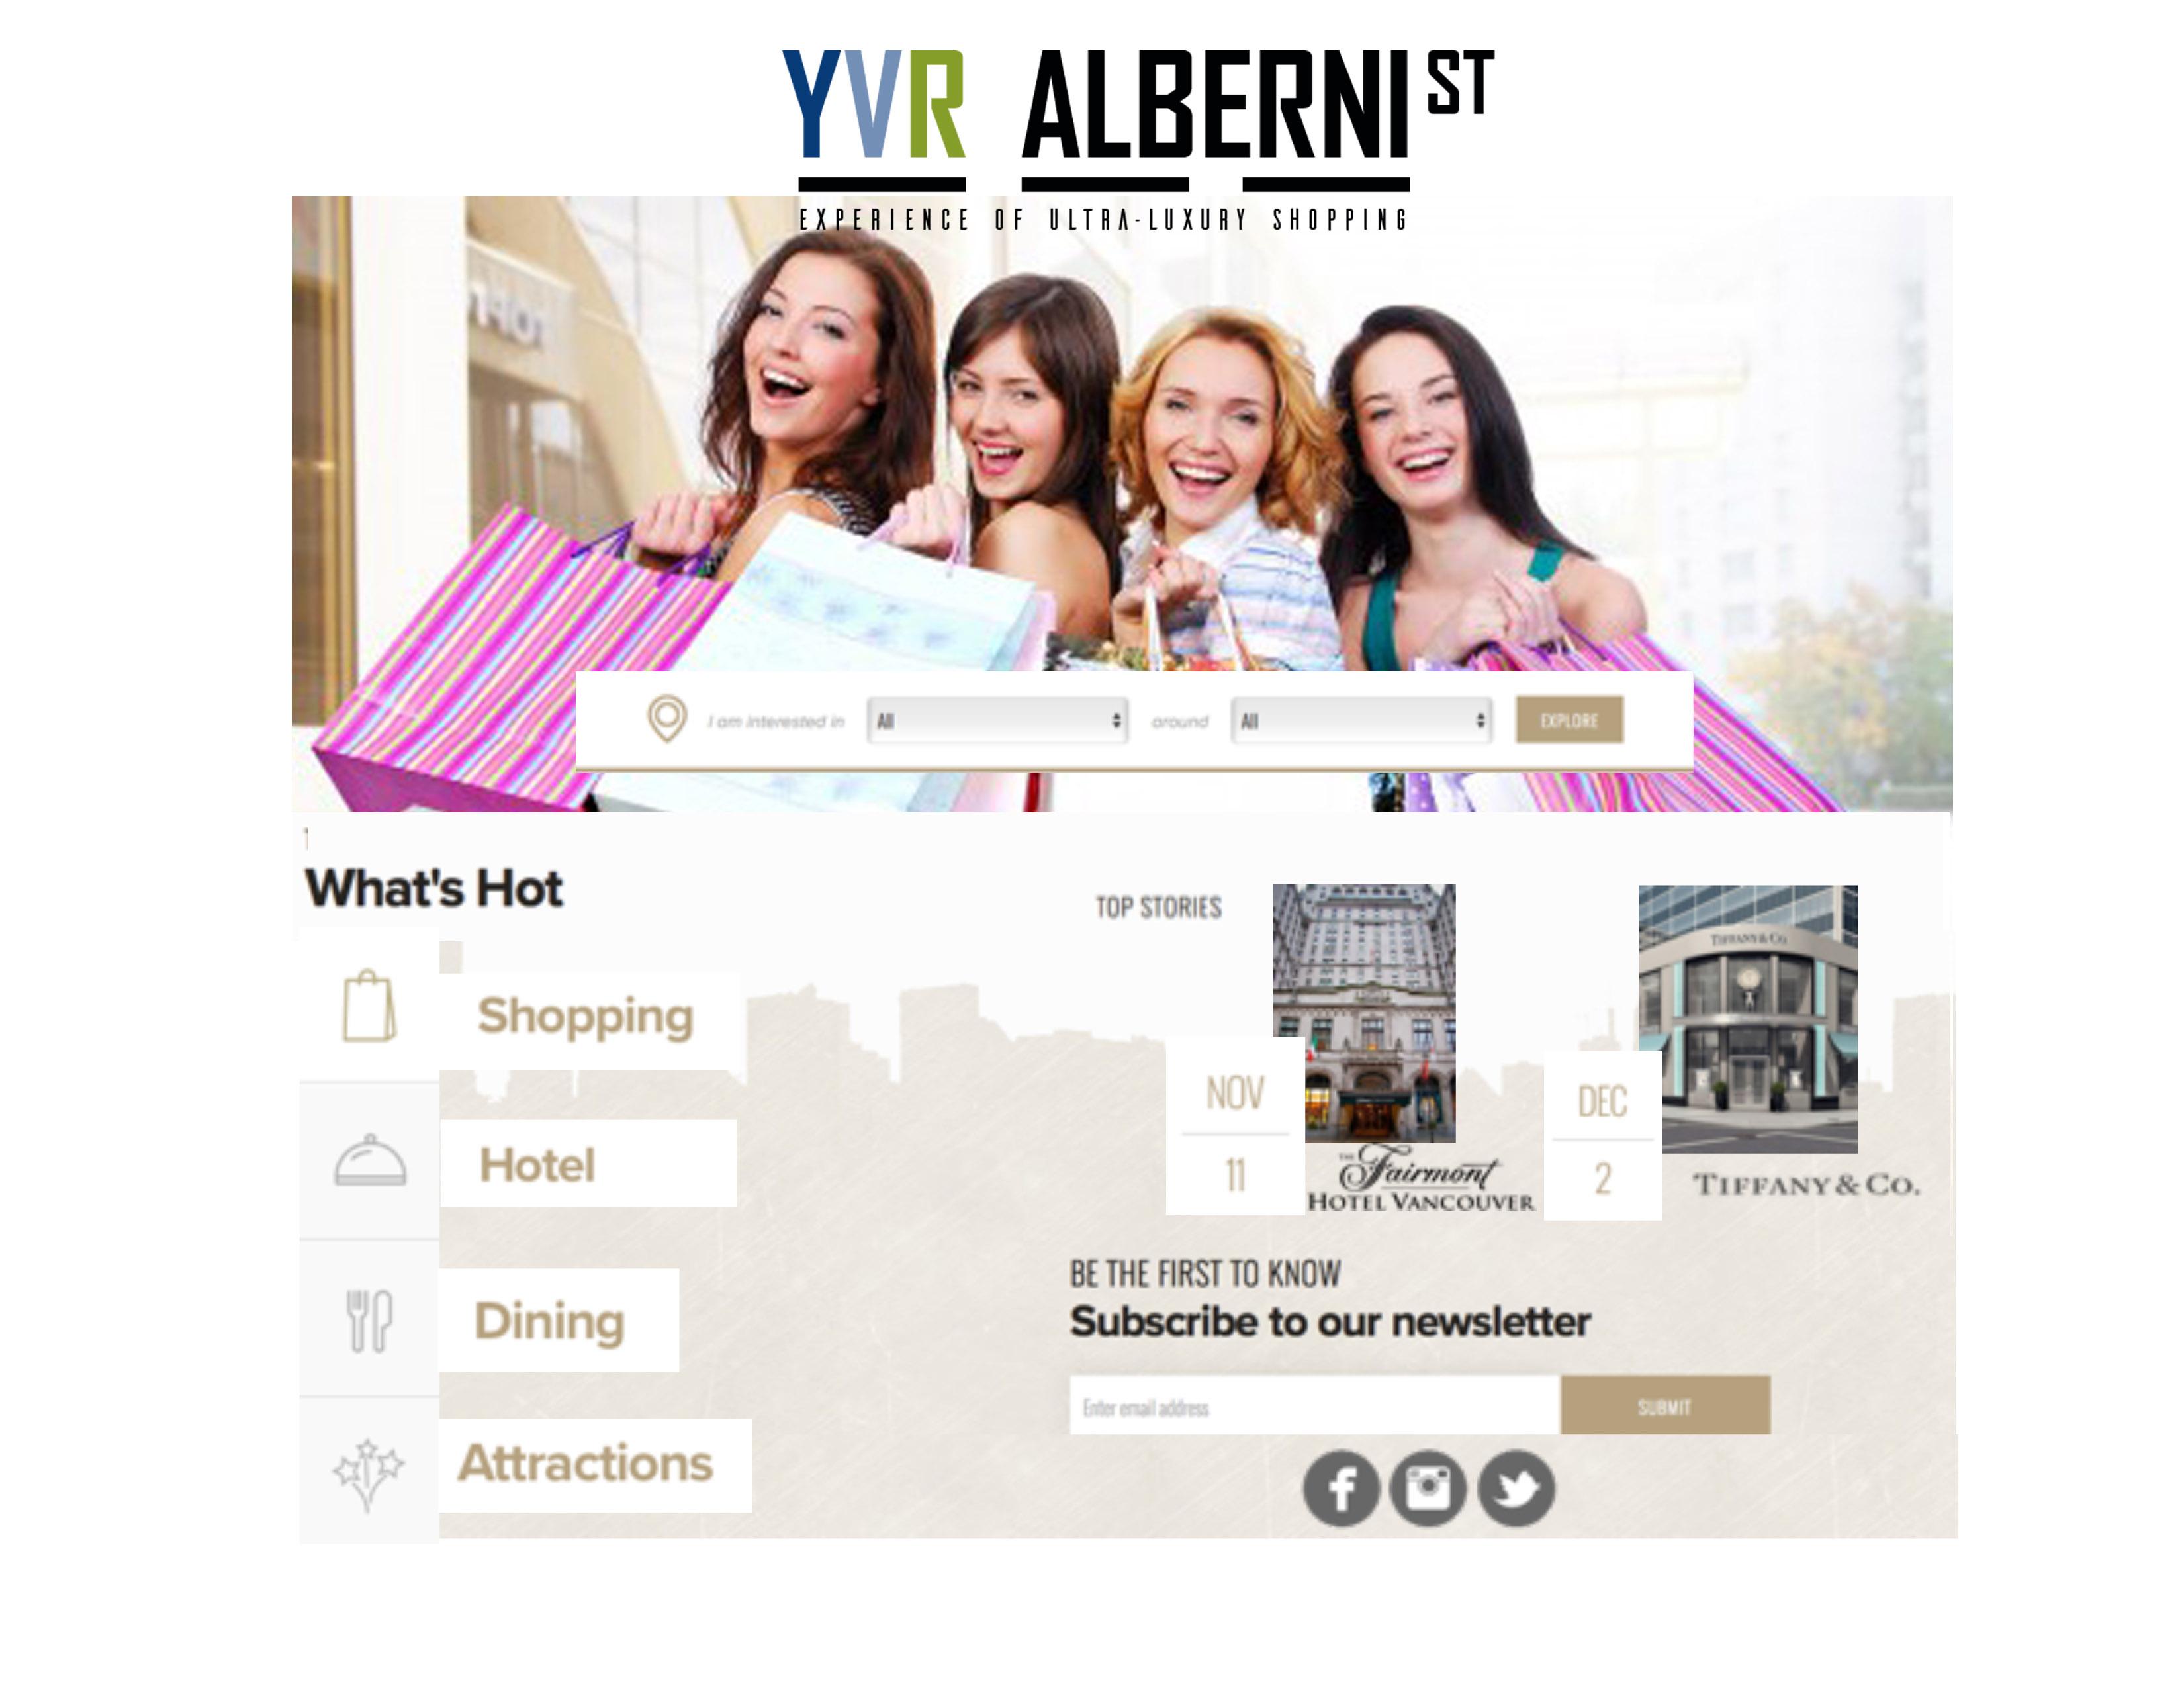 YVR Alberni web page